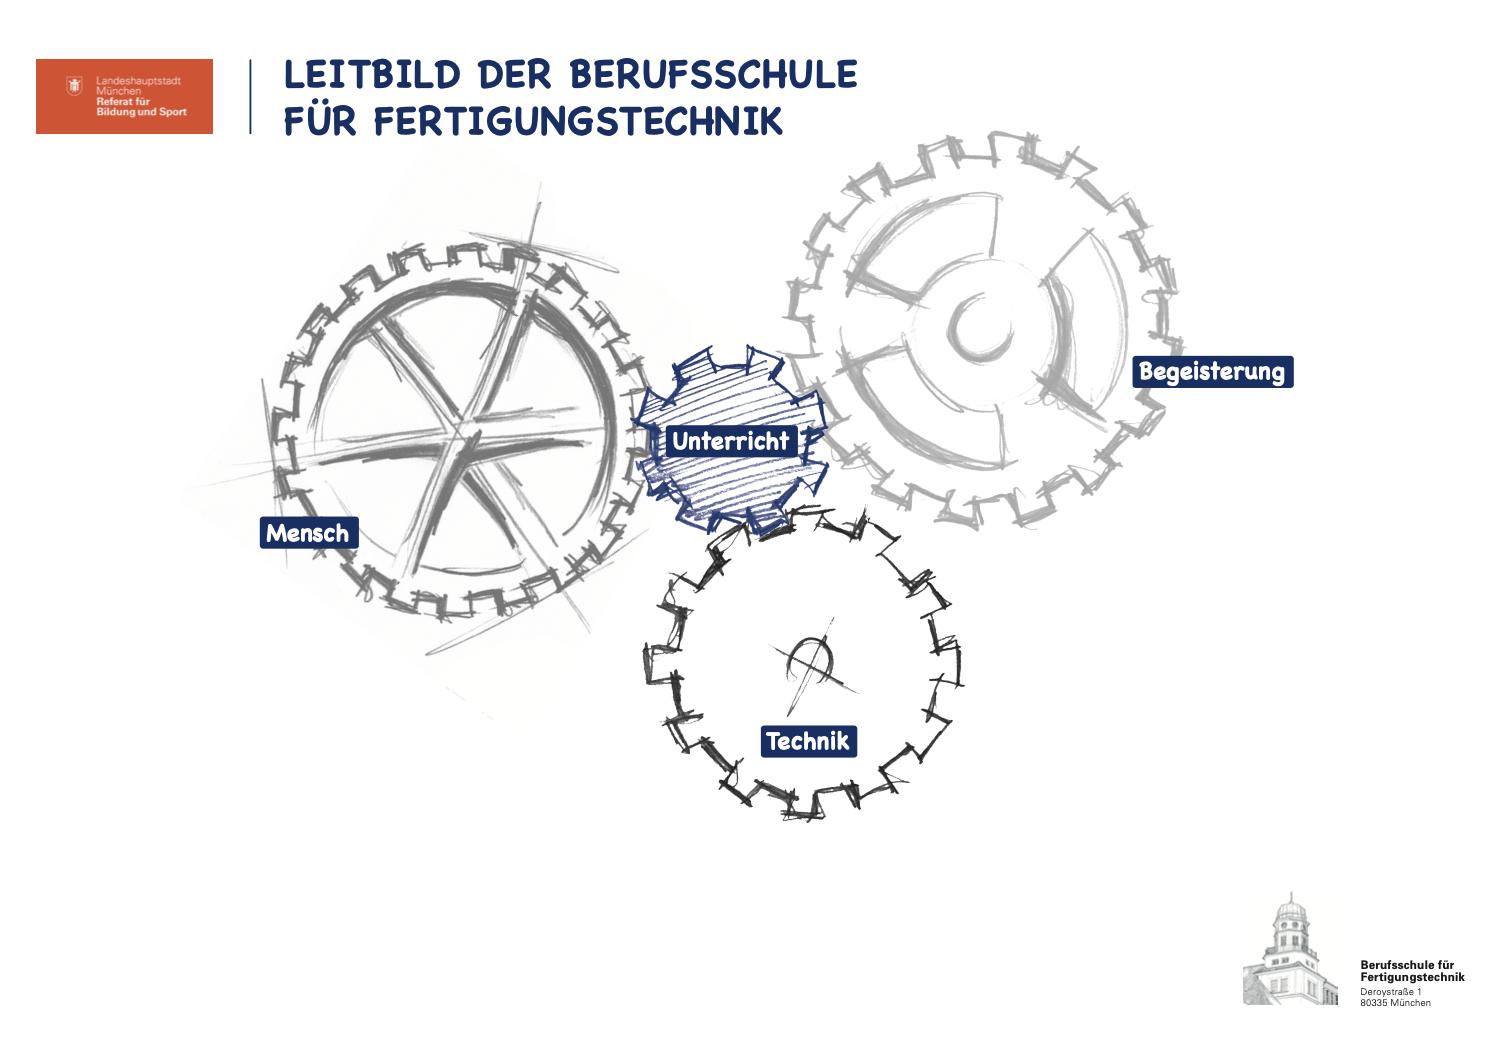 Leitbild - Berufsschule für Fertigungstechnik München